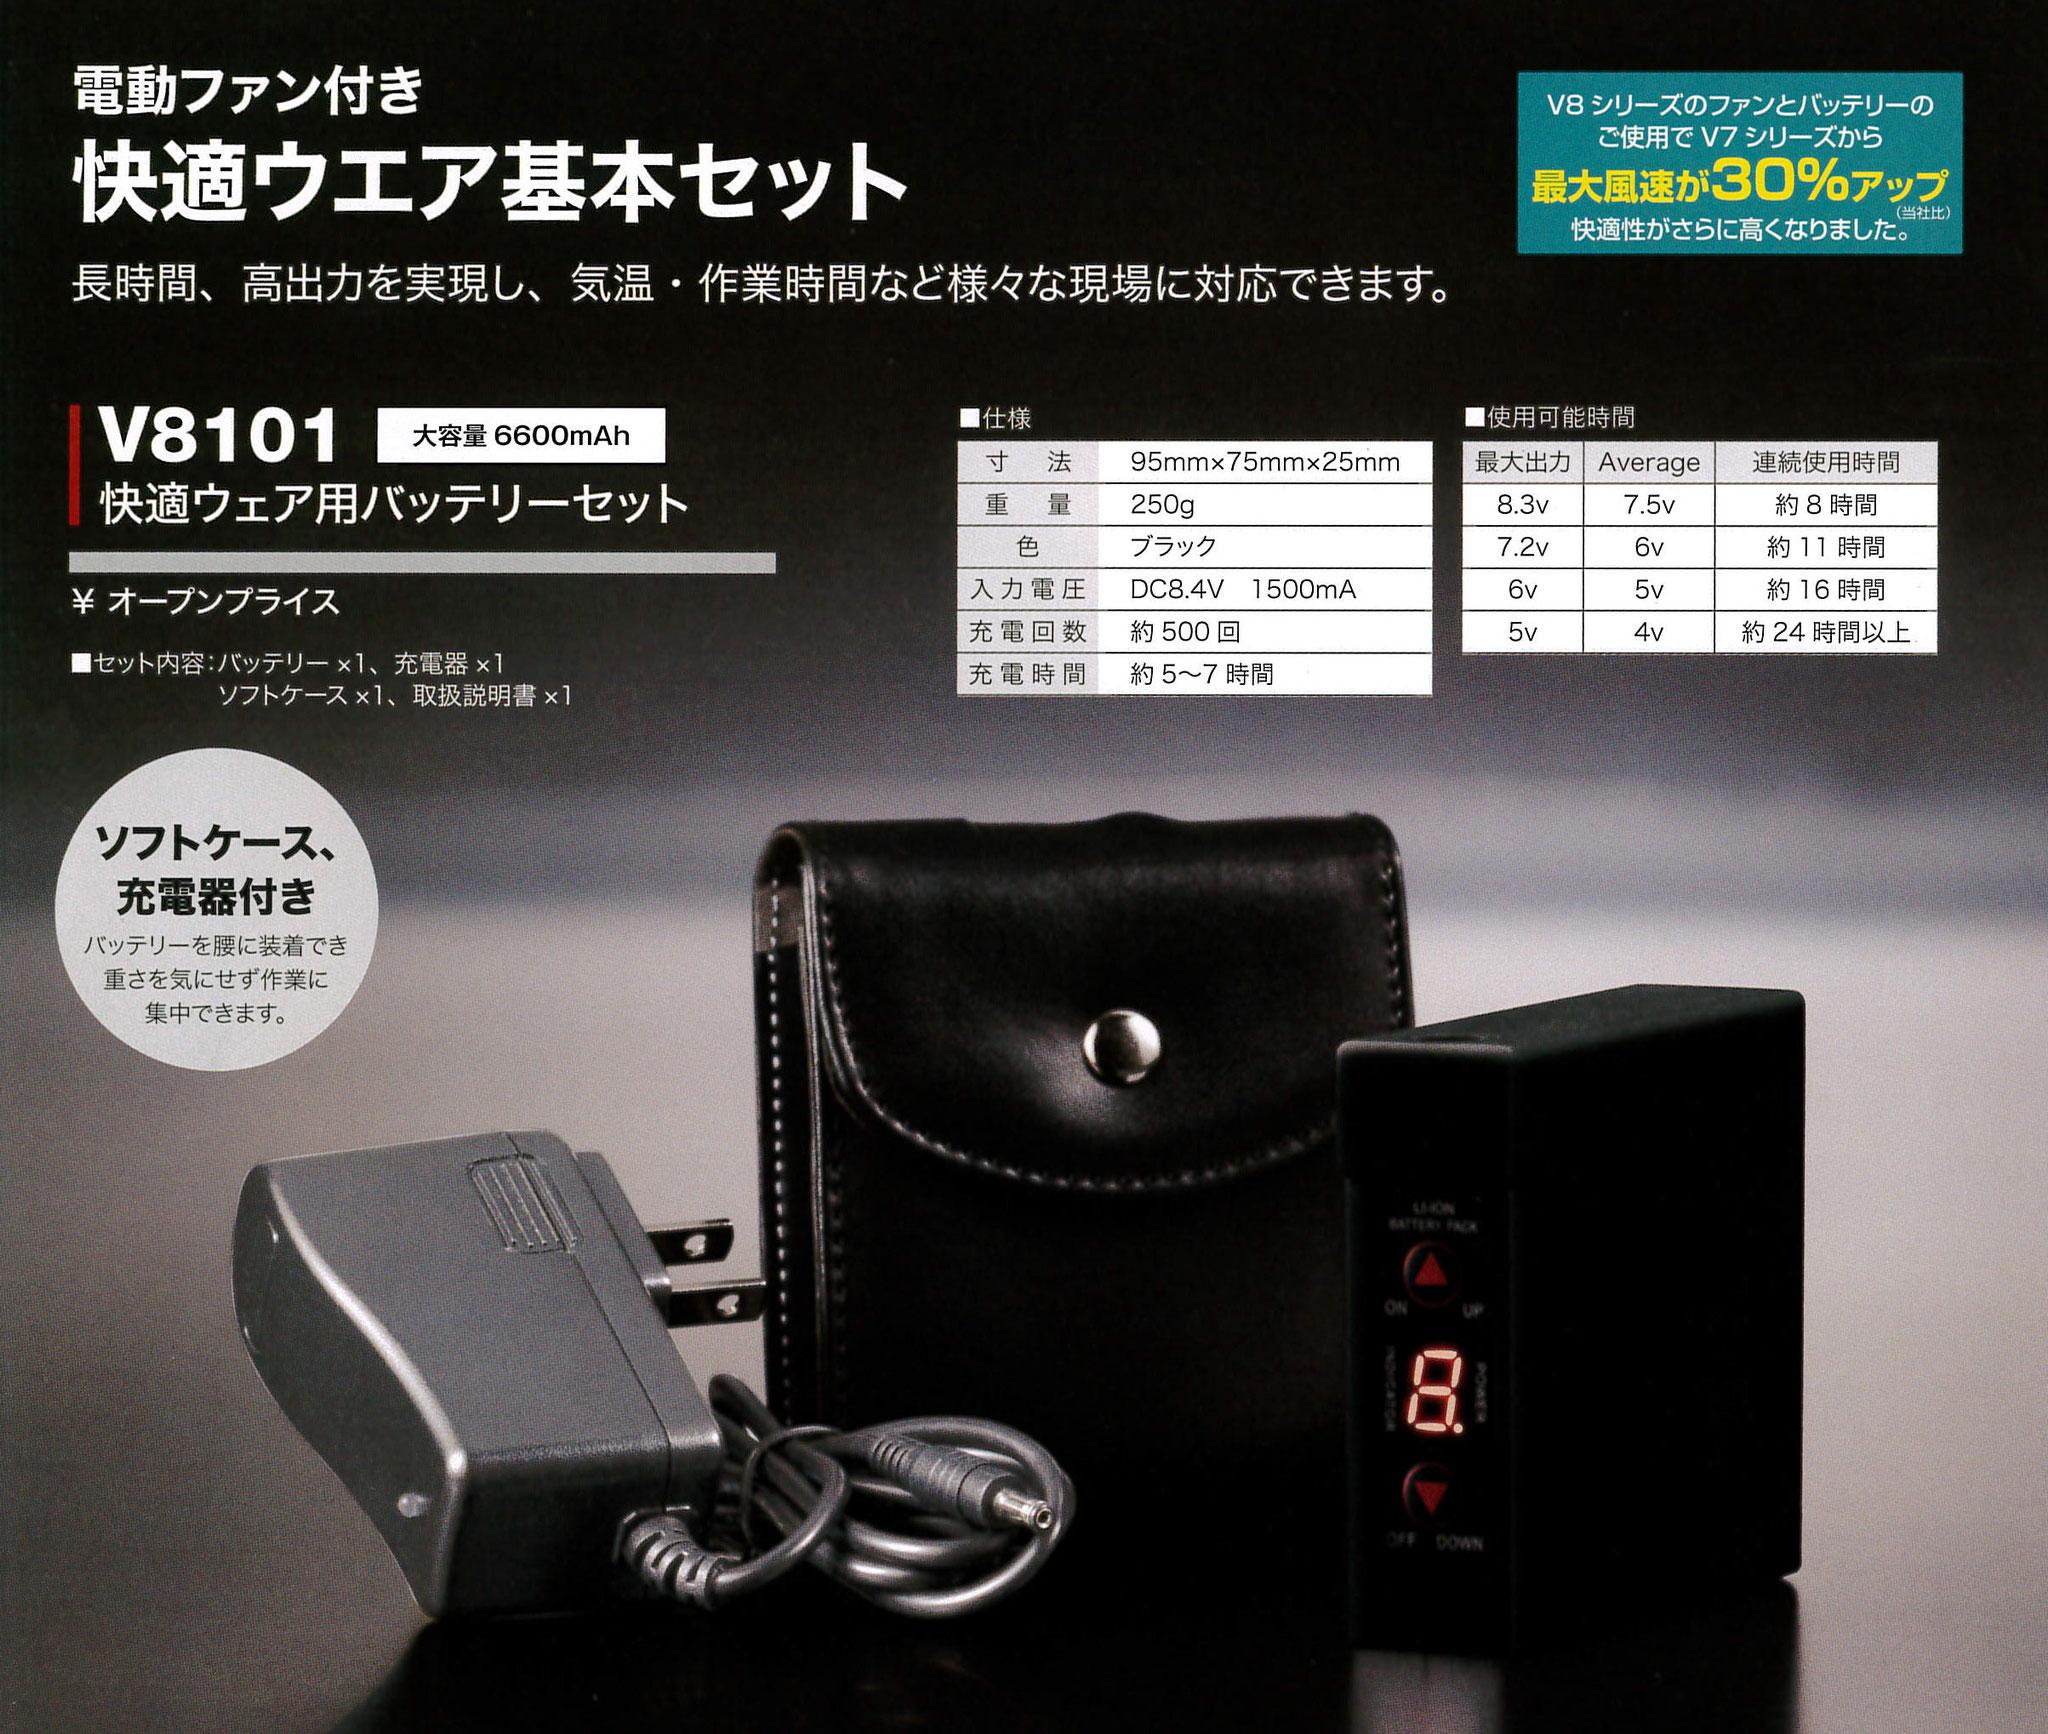 V8101 バッテリーセット ¥9,900(税込)